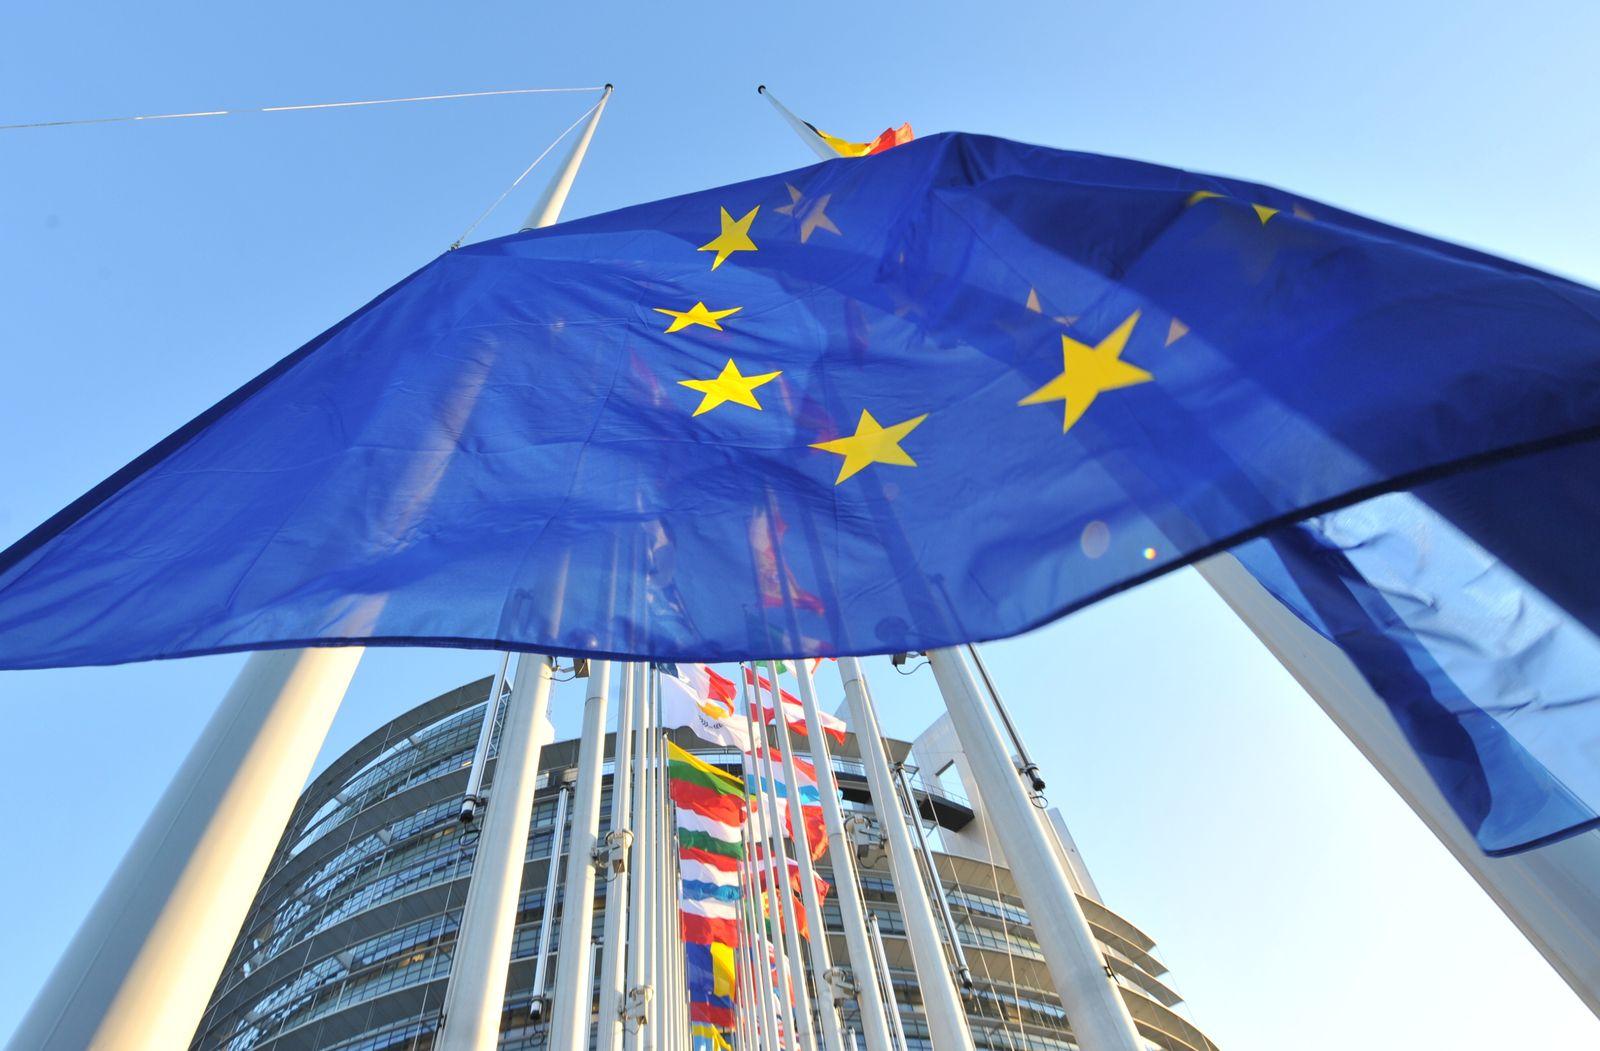 EU-Parlament / Flaggen